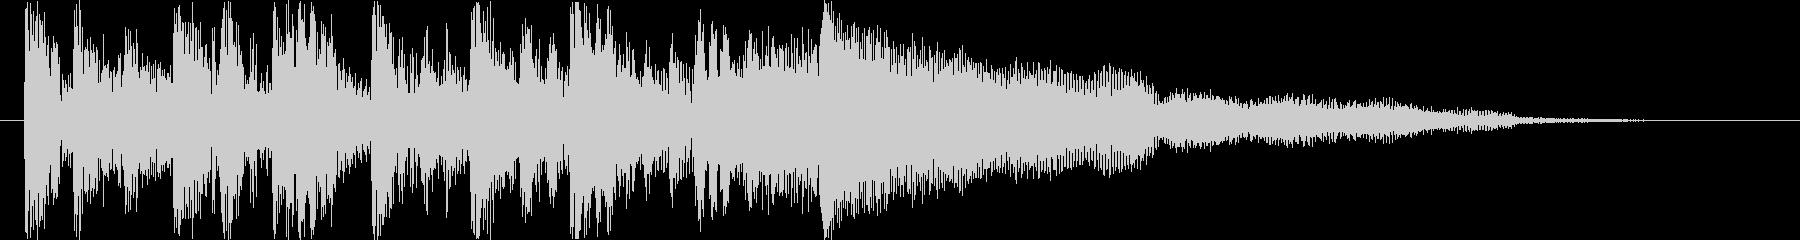 重厚な未来系デジタルエレクトロロゴの未再生の波形